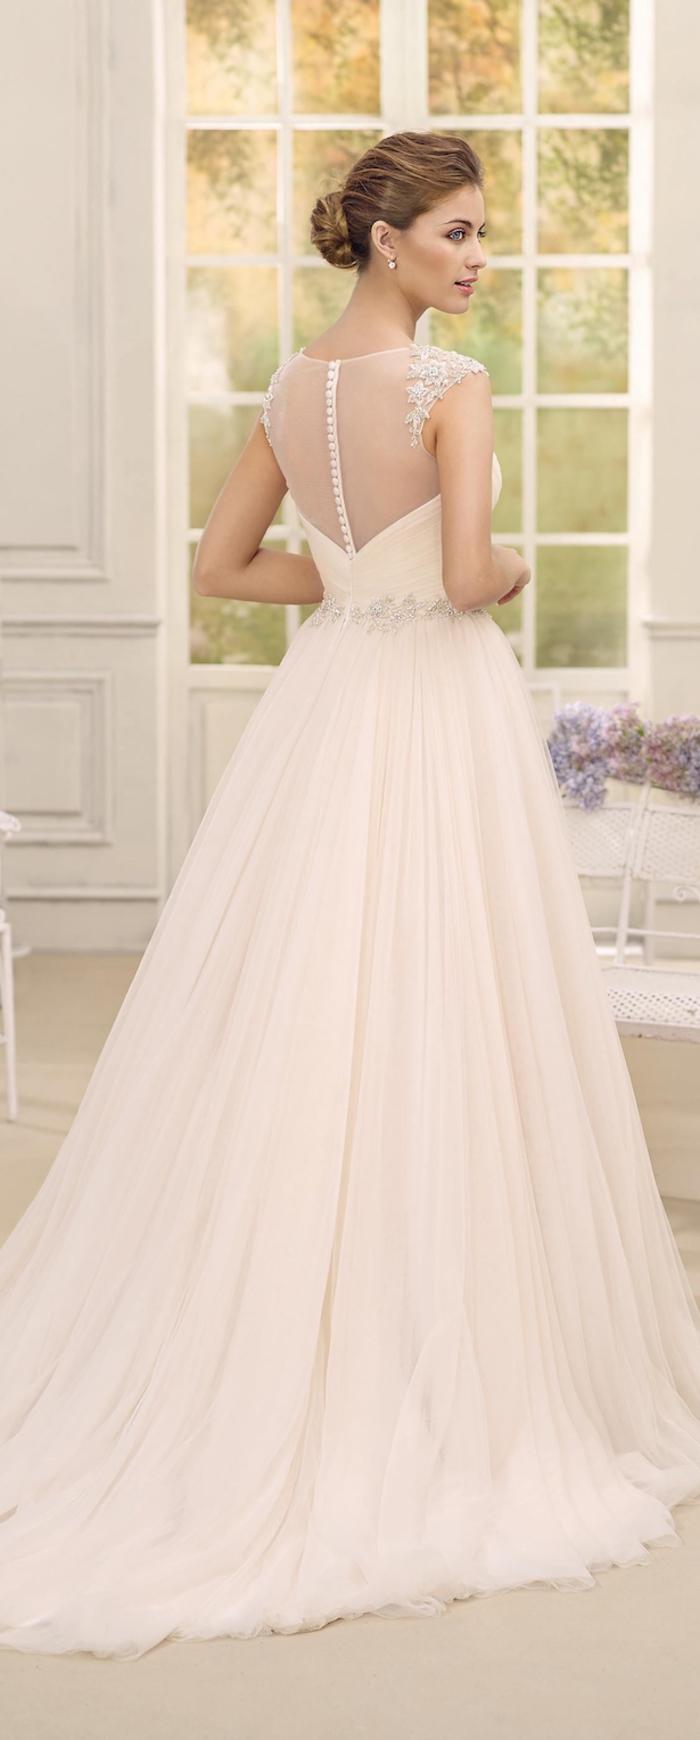 ärmelloses Hochzeitskleid mit Perlenstickerei, bodenlang und weit, mit Kristallen dekoriert